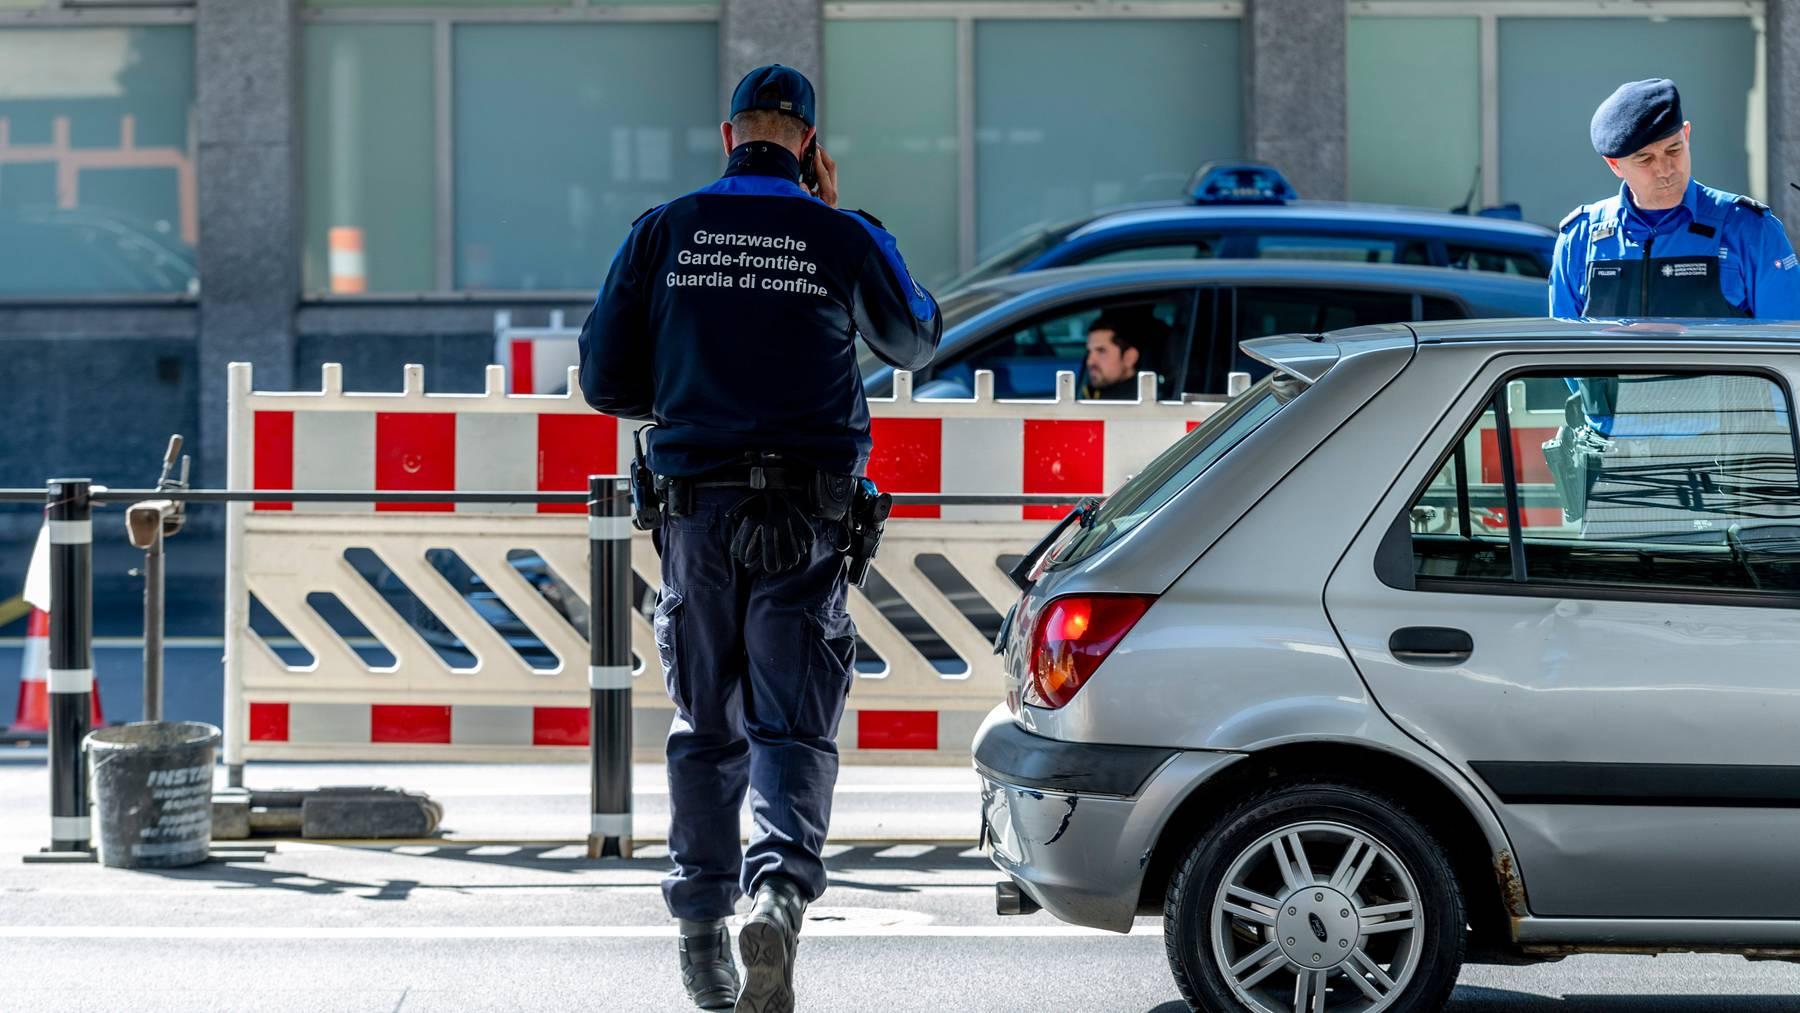 Die Grenzen zu Deutschland, Österreich und Frankreich sollen wie angekündigt am 15. Juni aufgehen. Wie es mit Italien aussieht, ist noch unklar.